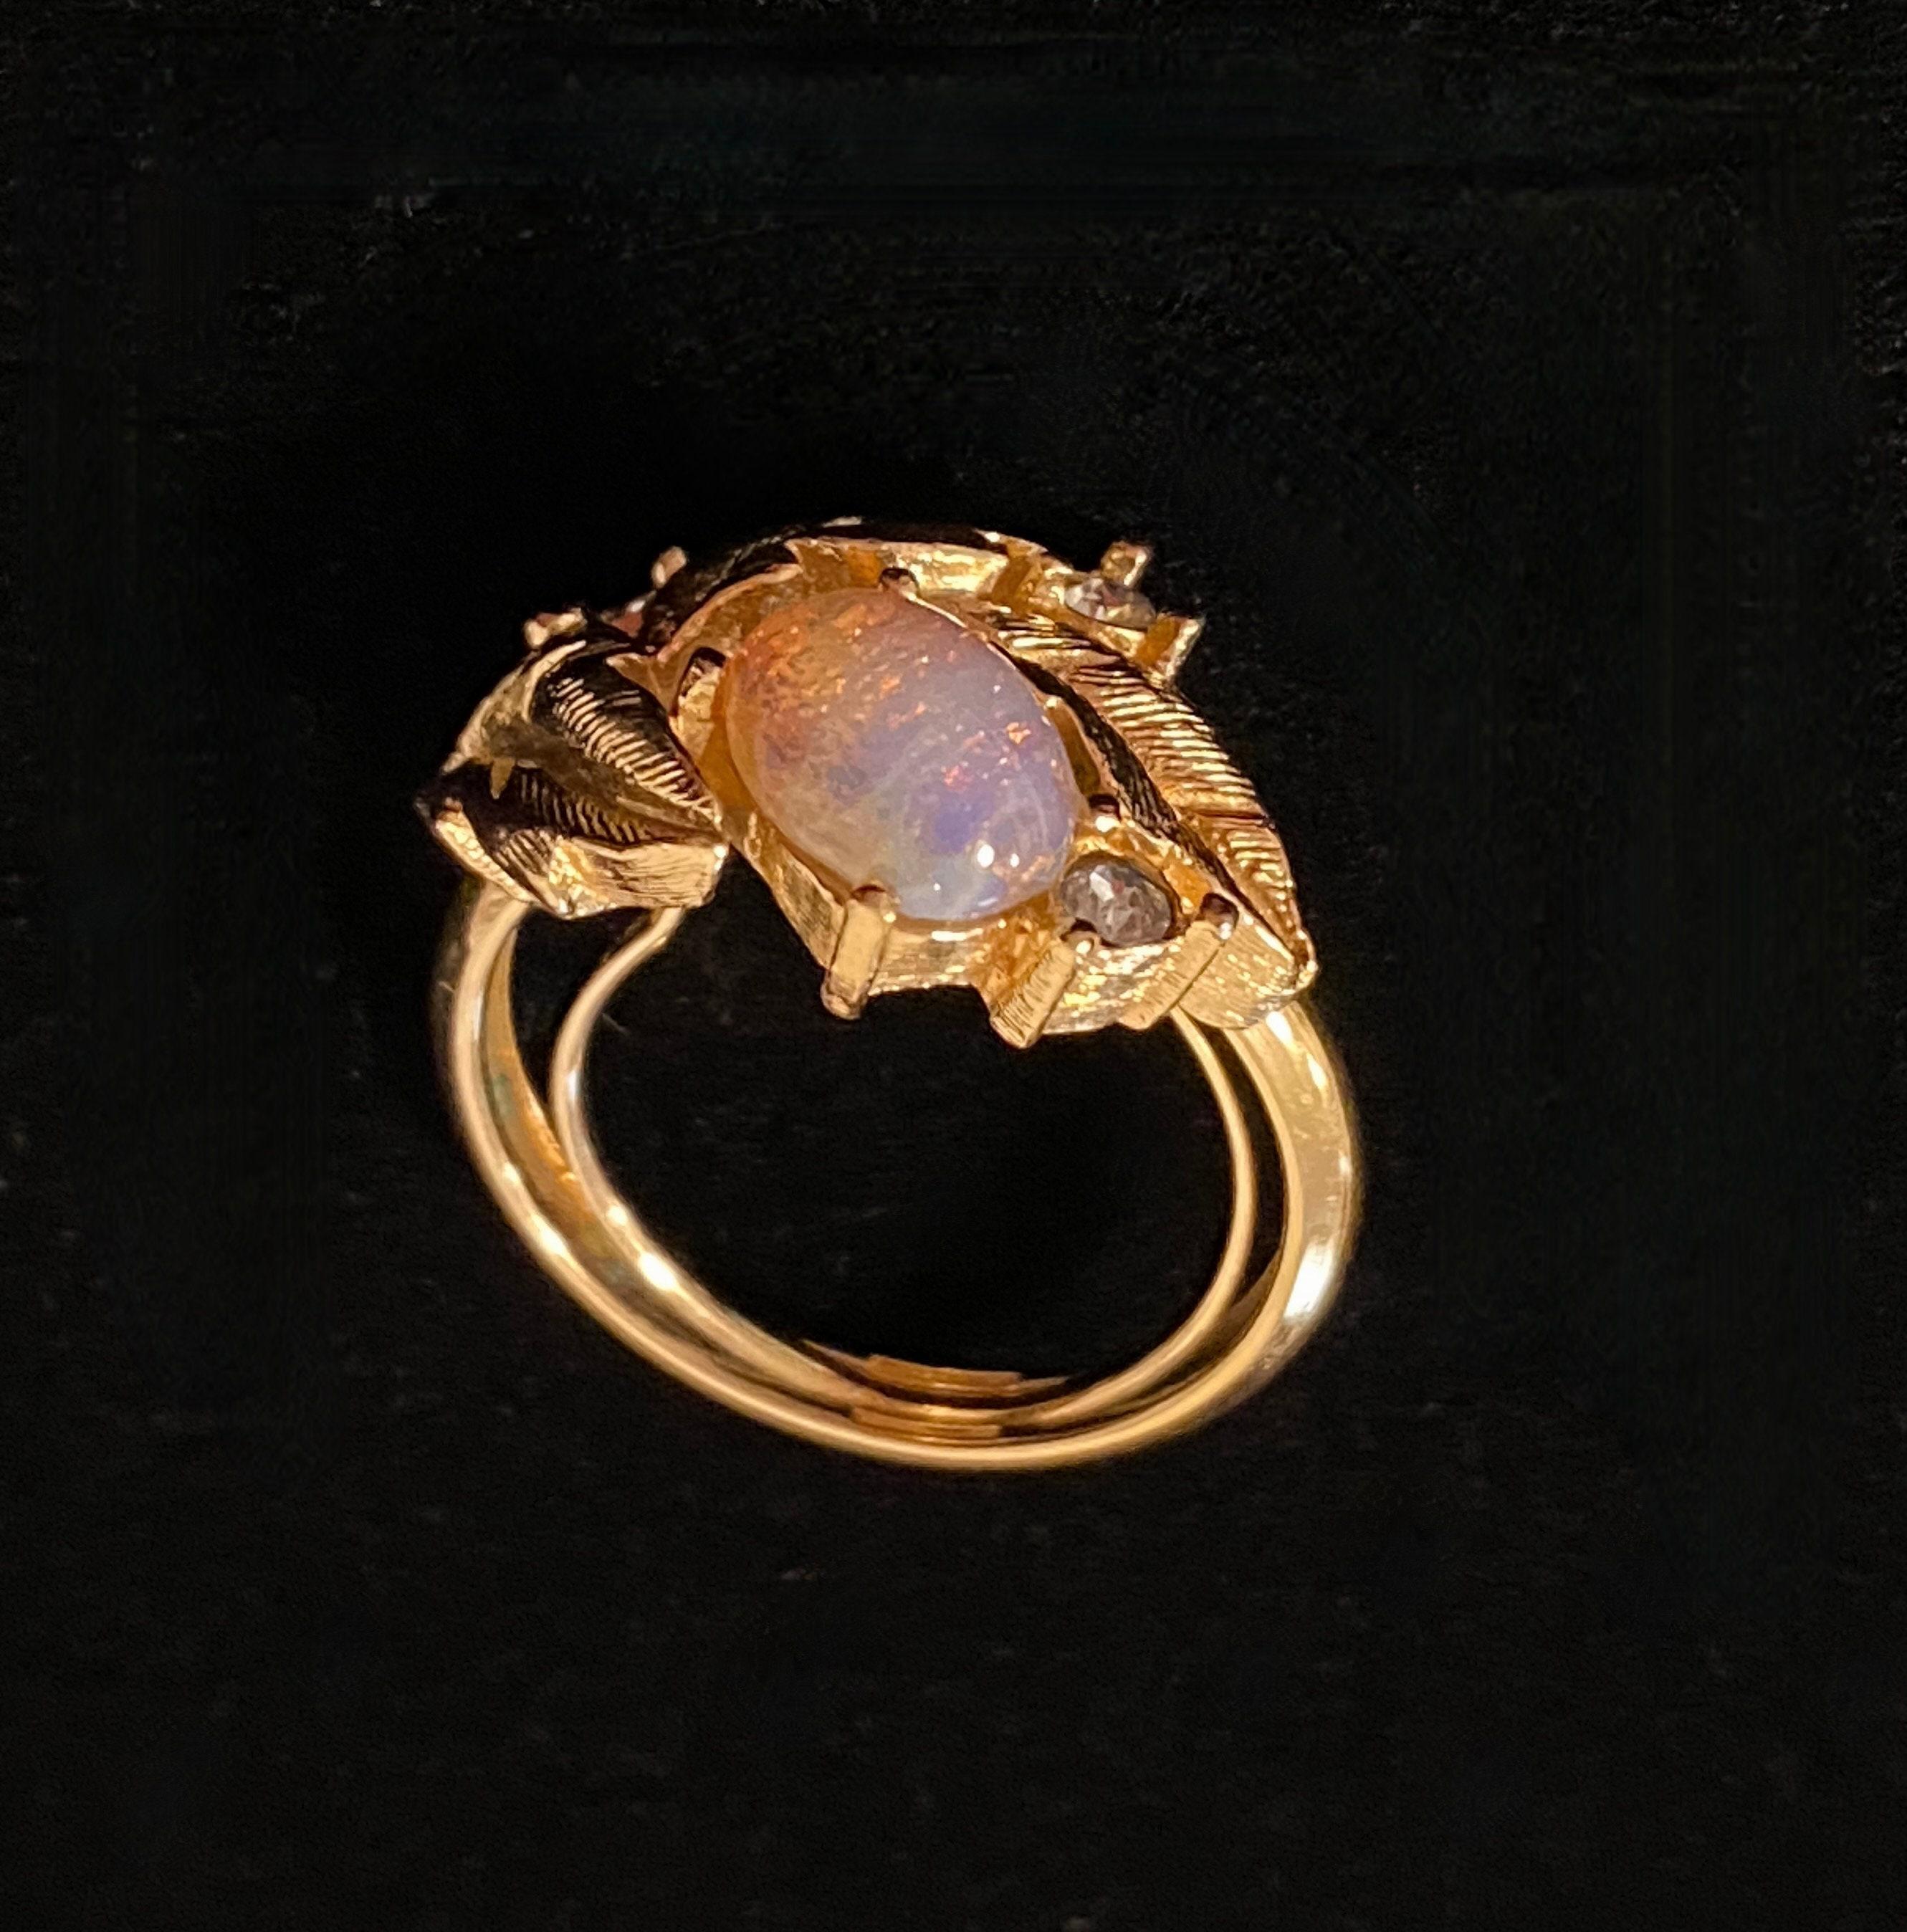 oval cream plastic and rhinestones ring Emmanuelle cocktail ring adjustable repurposed vintage